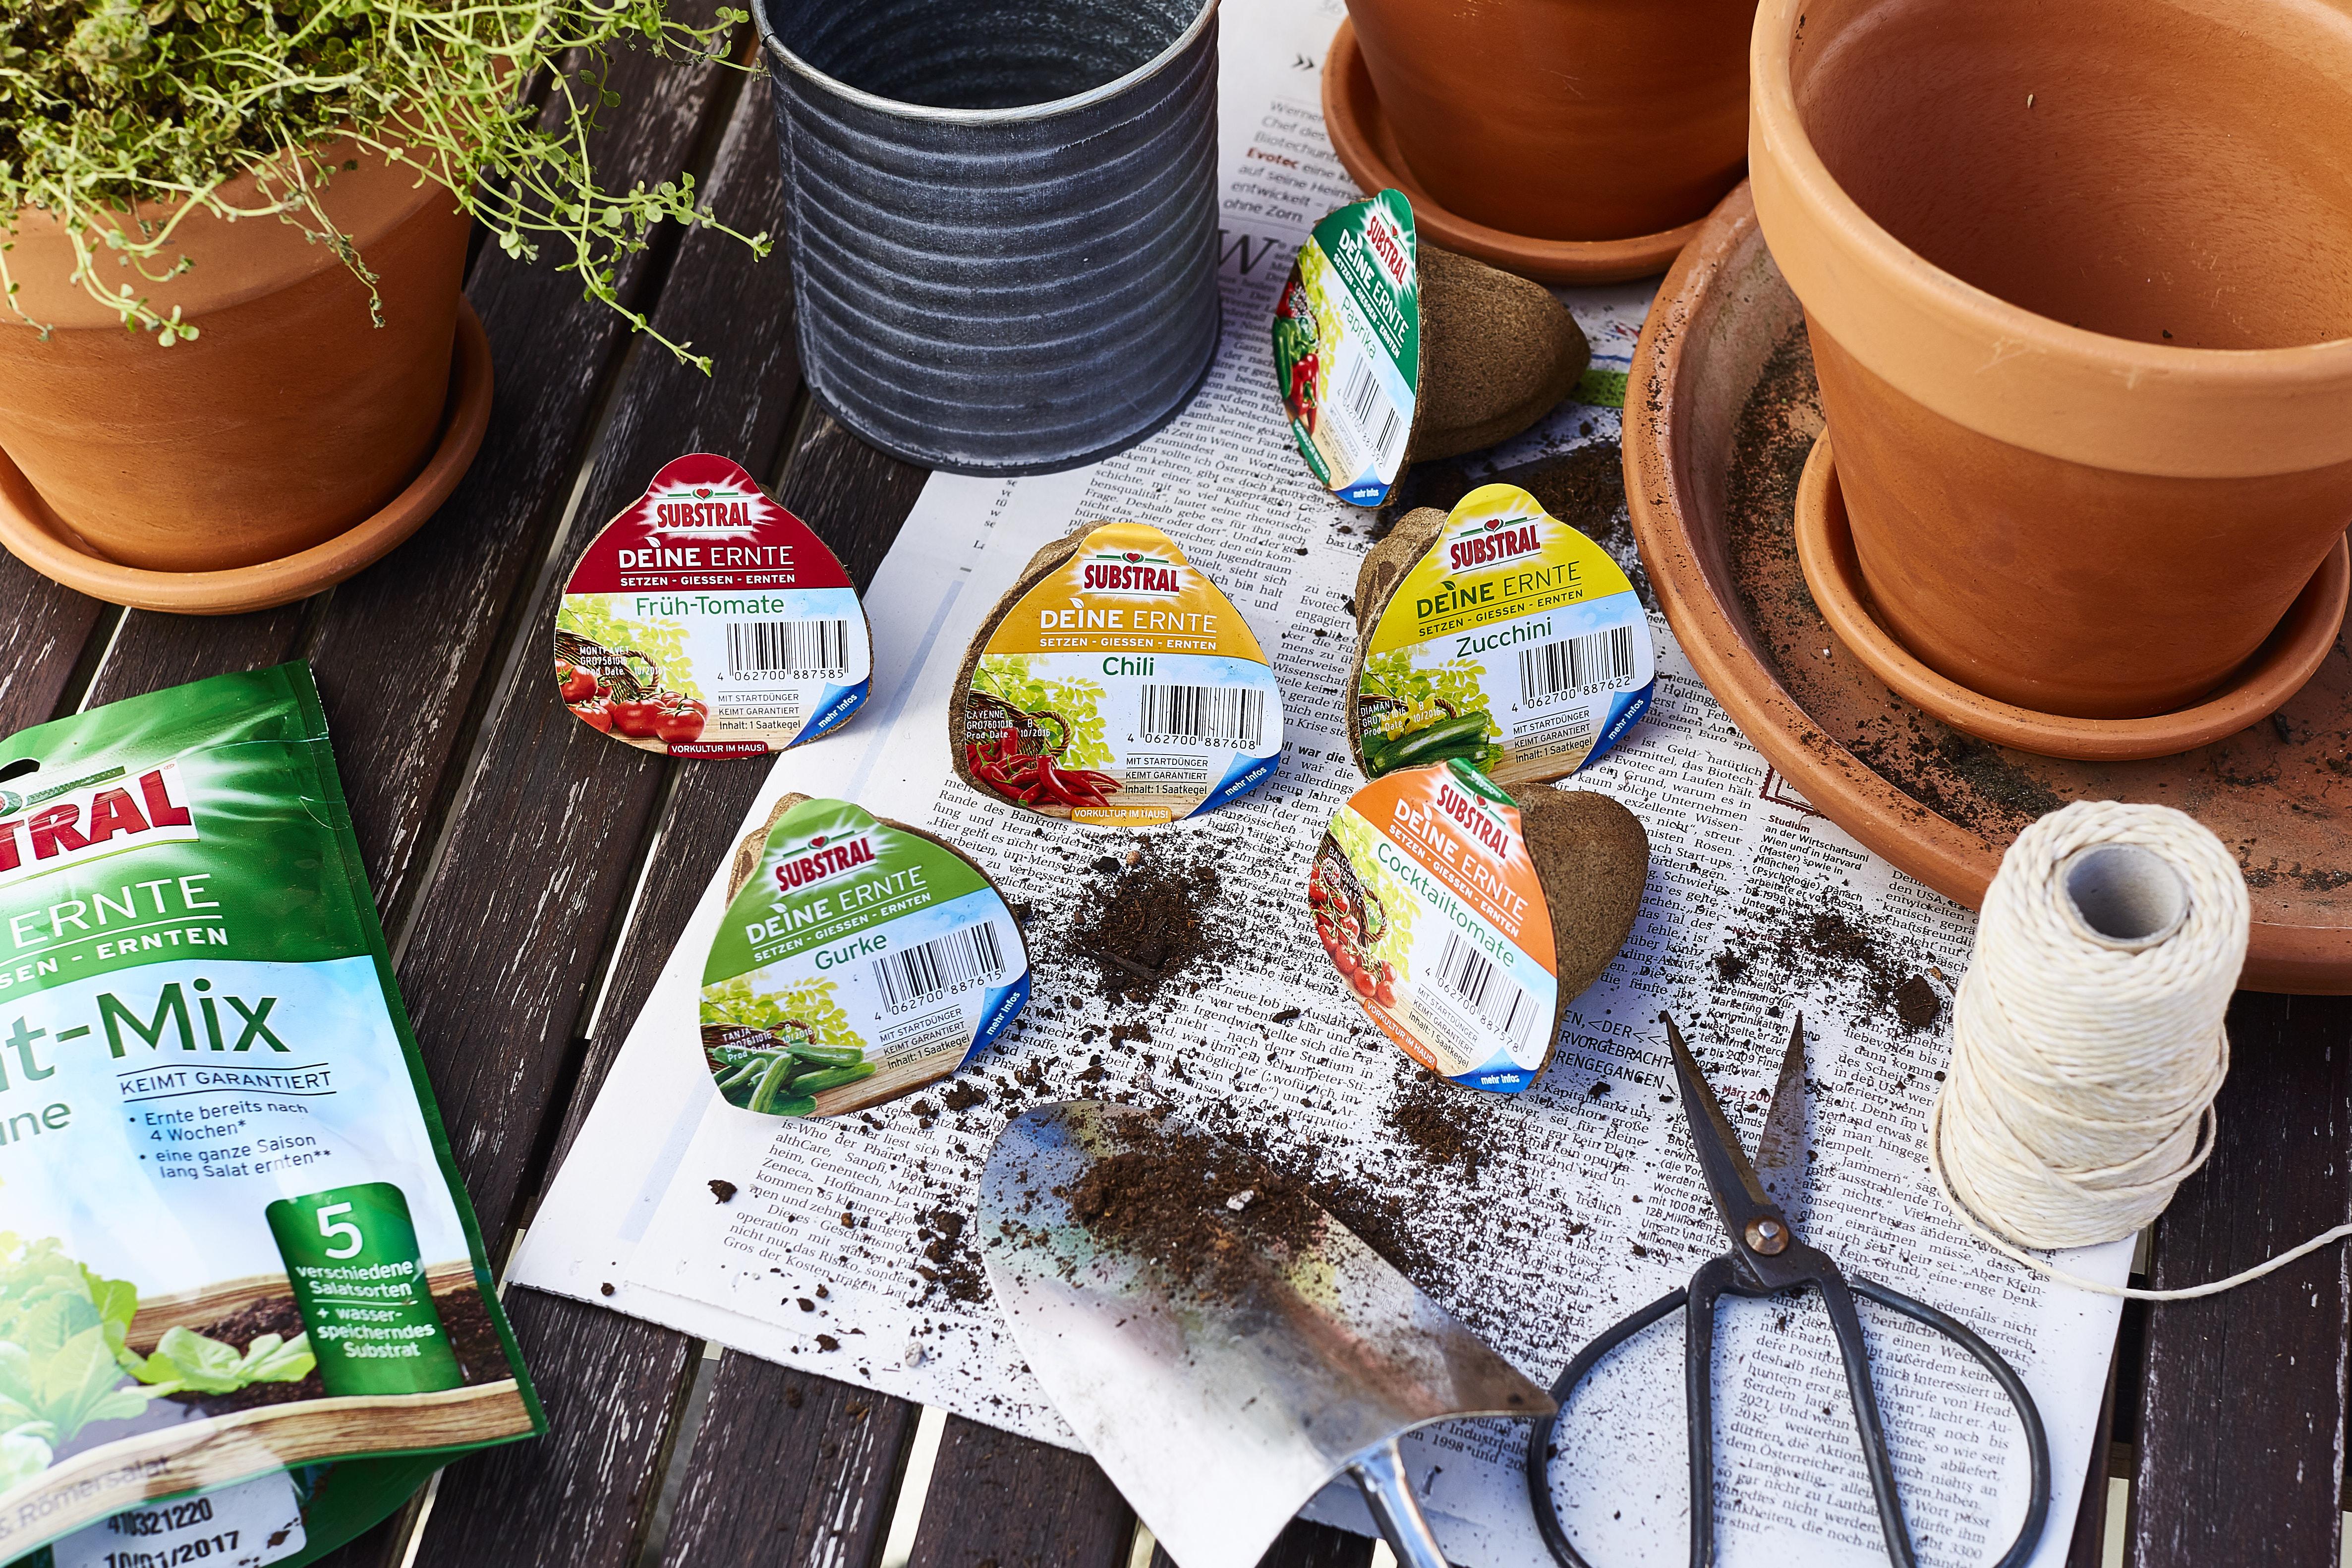 DeineErnte-substral-am balkon terasse anpflanzen-